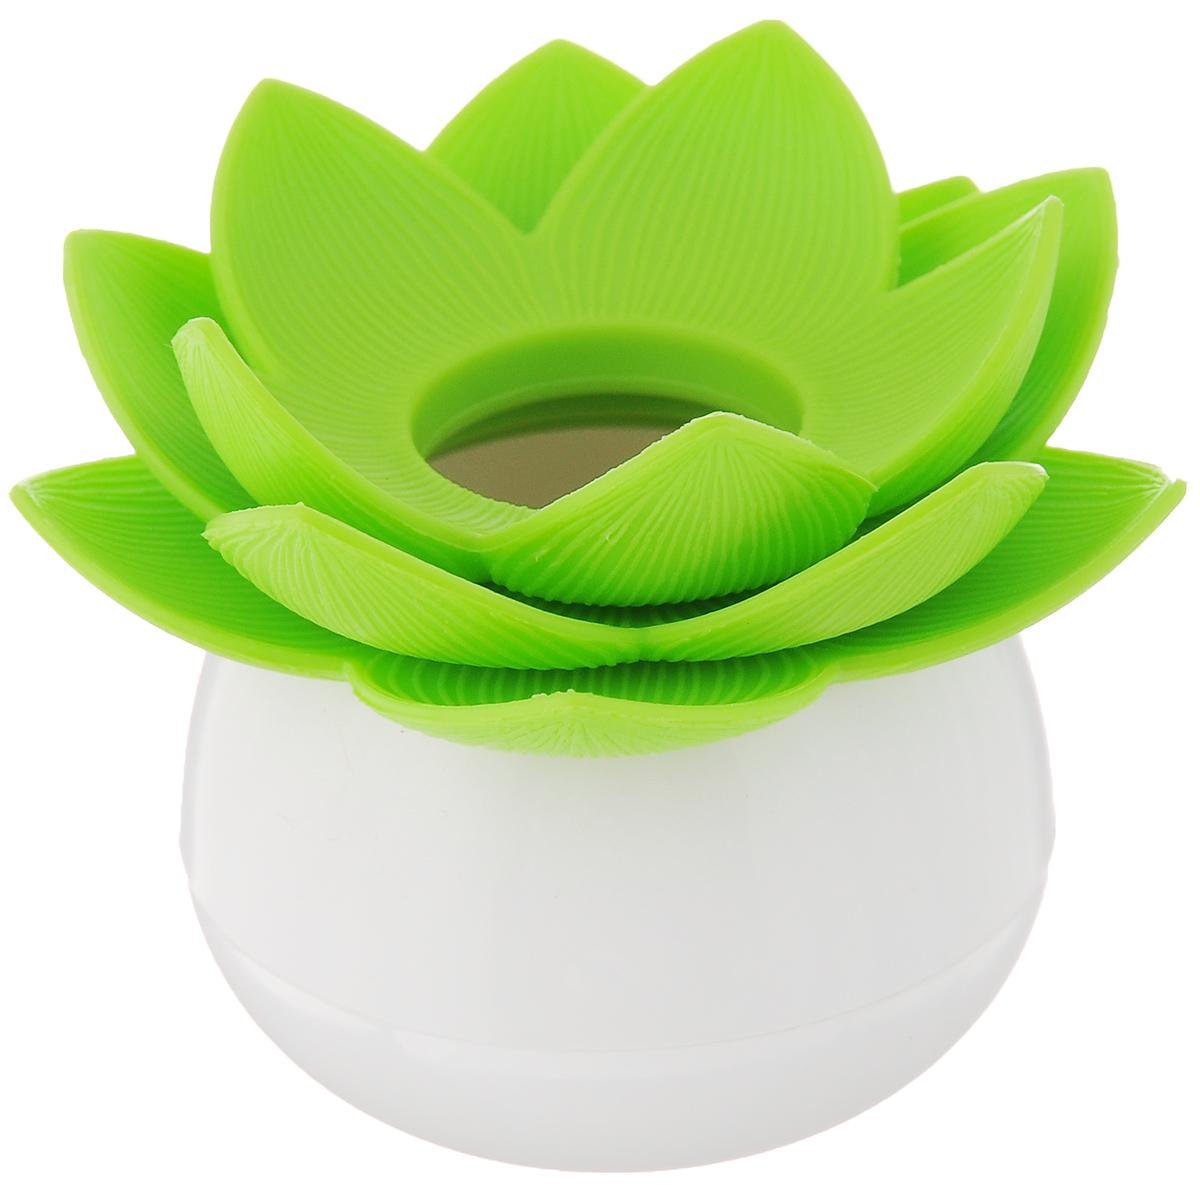 Держатель для зубочисток Qualy Lotus Pick, цвет: белый, зеленыйQL10156-WH-GNОригинальный держатель для зубочисток Qualy Lotus Pick, изготовленный из высококачественного пластика в виде цветка лотоса, это невероятно нужный на кухне предмет. Корпус изделия приятен на ощупь, благодаря прорезиненному покрытию. Он справляется со своей работой просто отлично! Зубочистки всегда рассыпаются, их трудно вставить обратно, не уколоться и не сломать. С таким держателем все просто! Держатель Lotus - это не только элемент декора вашей кухни, но и верный помощник в хранении зубочисток. Диаметр корпуса: 4 см. Диаметр цветка: 7 см. Высота изделия: 6 см. Уважаемые клиенты! Обращаем ваше внимание, что зубочистки в комплект не входят!